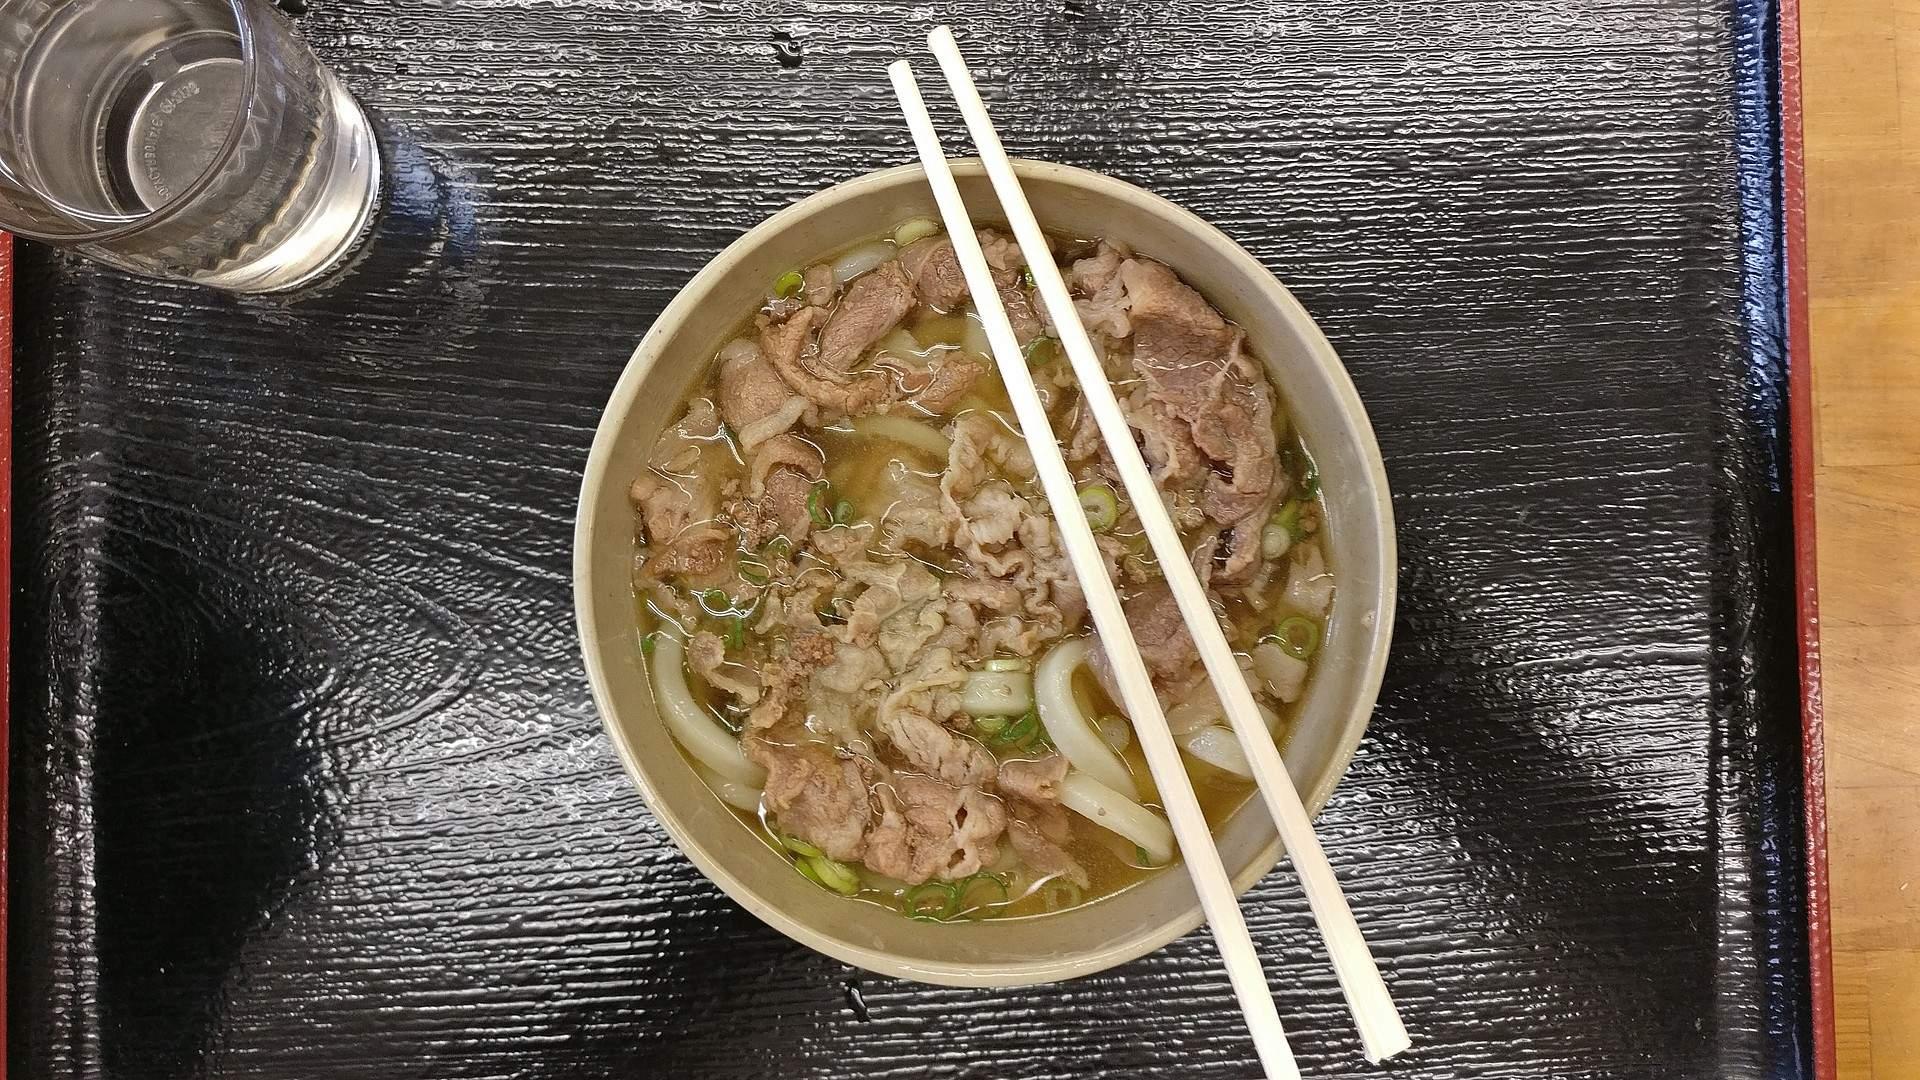 Naoshima Beef Udon